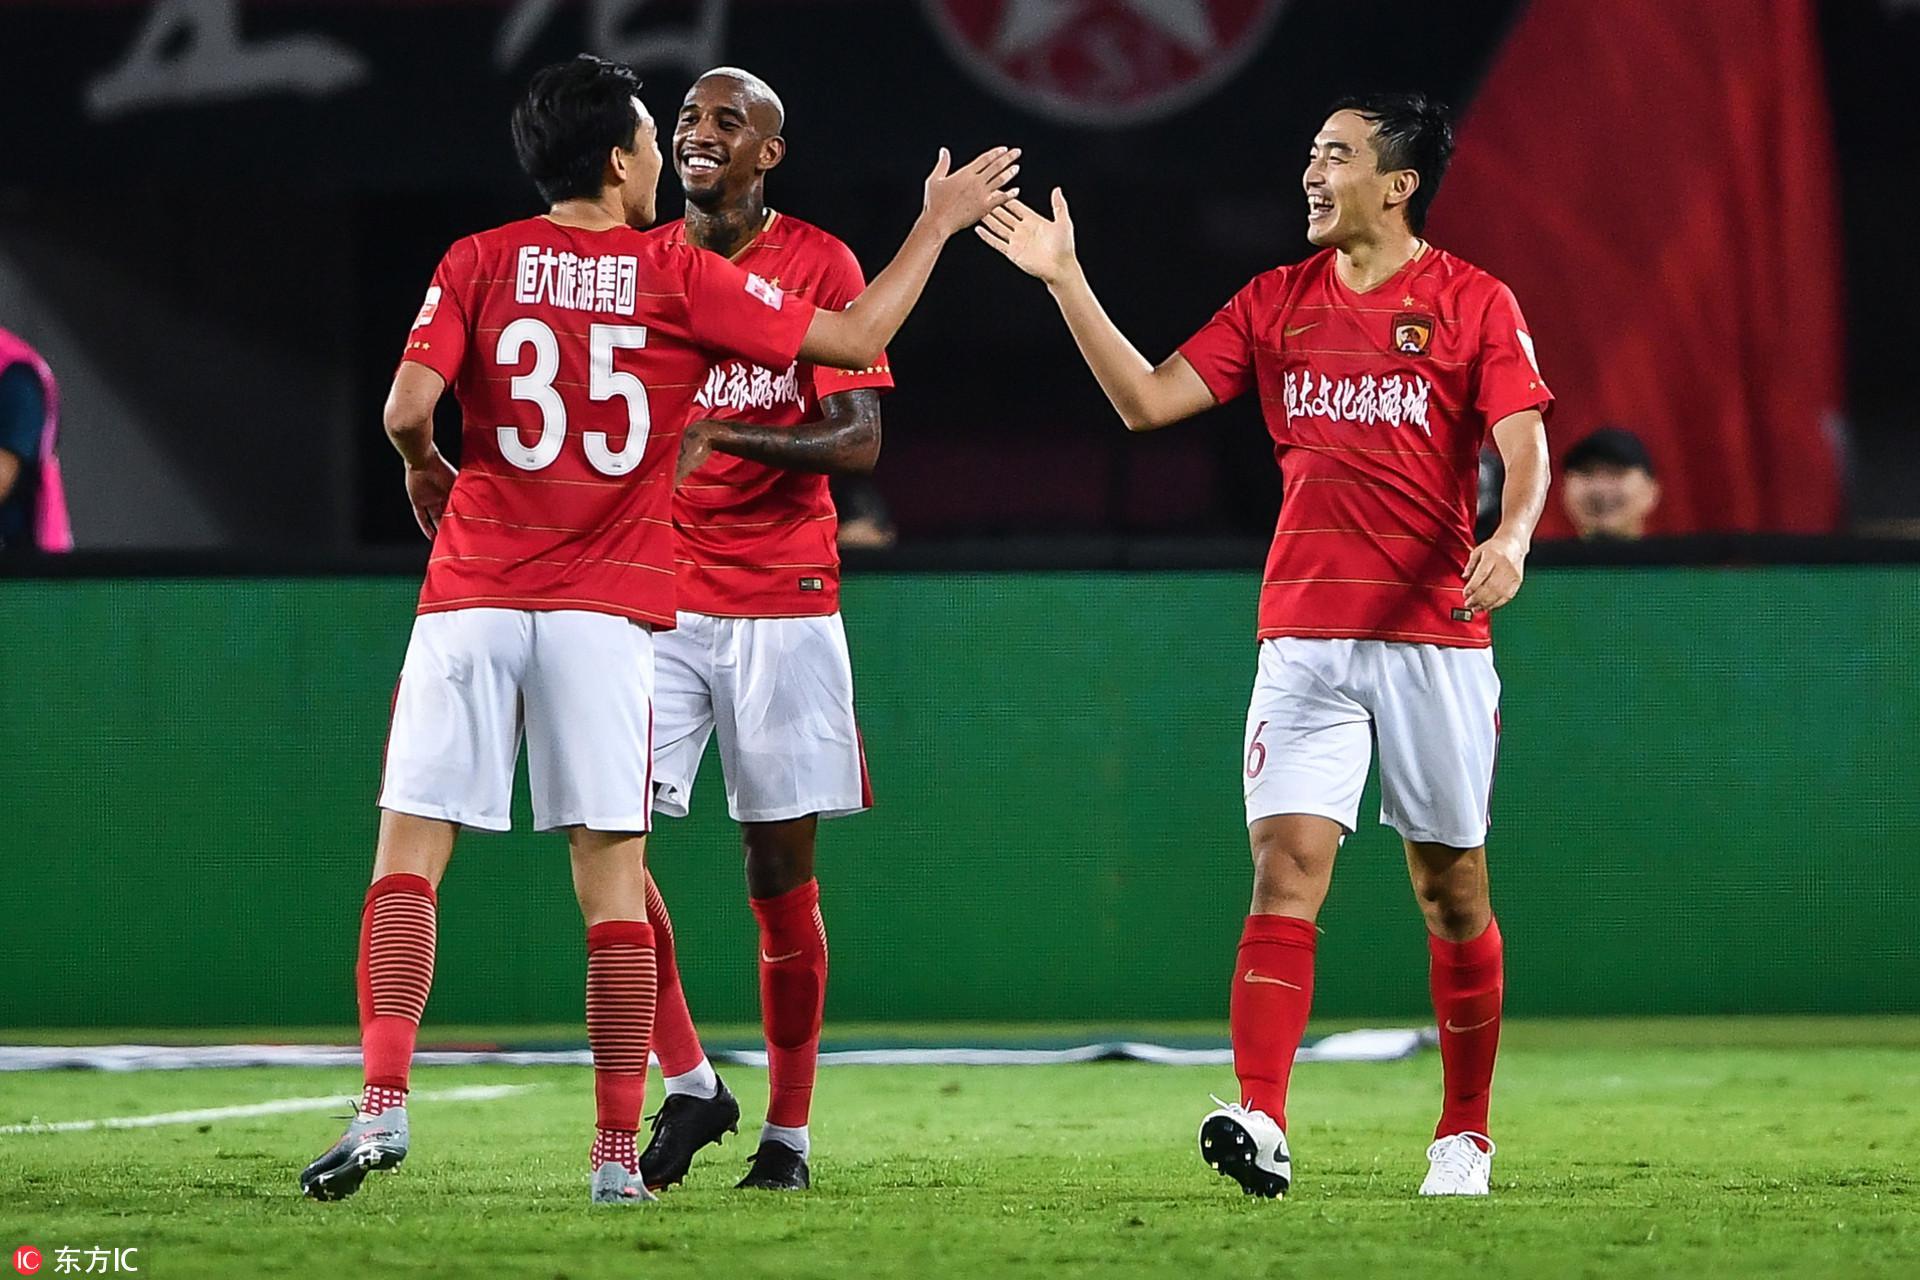 冯潇霆:今年目标是进2球 恒大赢球才是最重要的